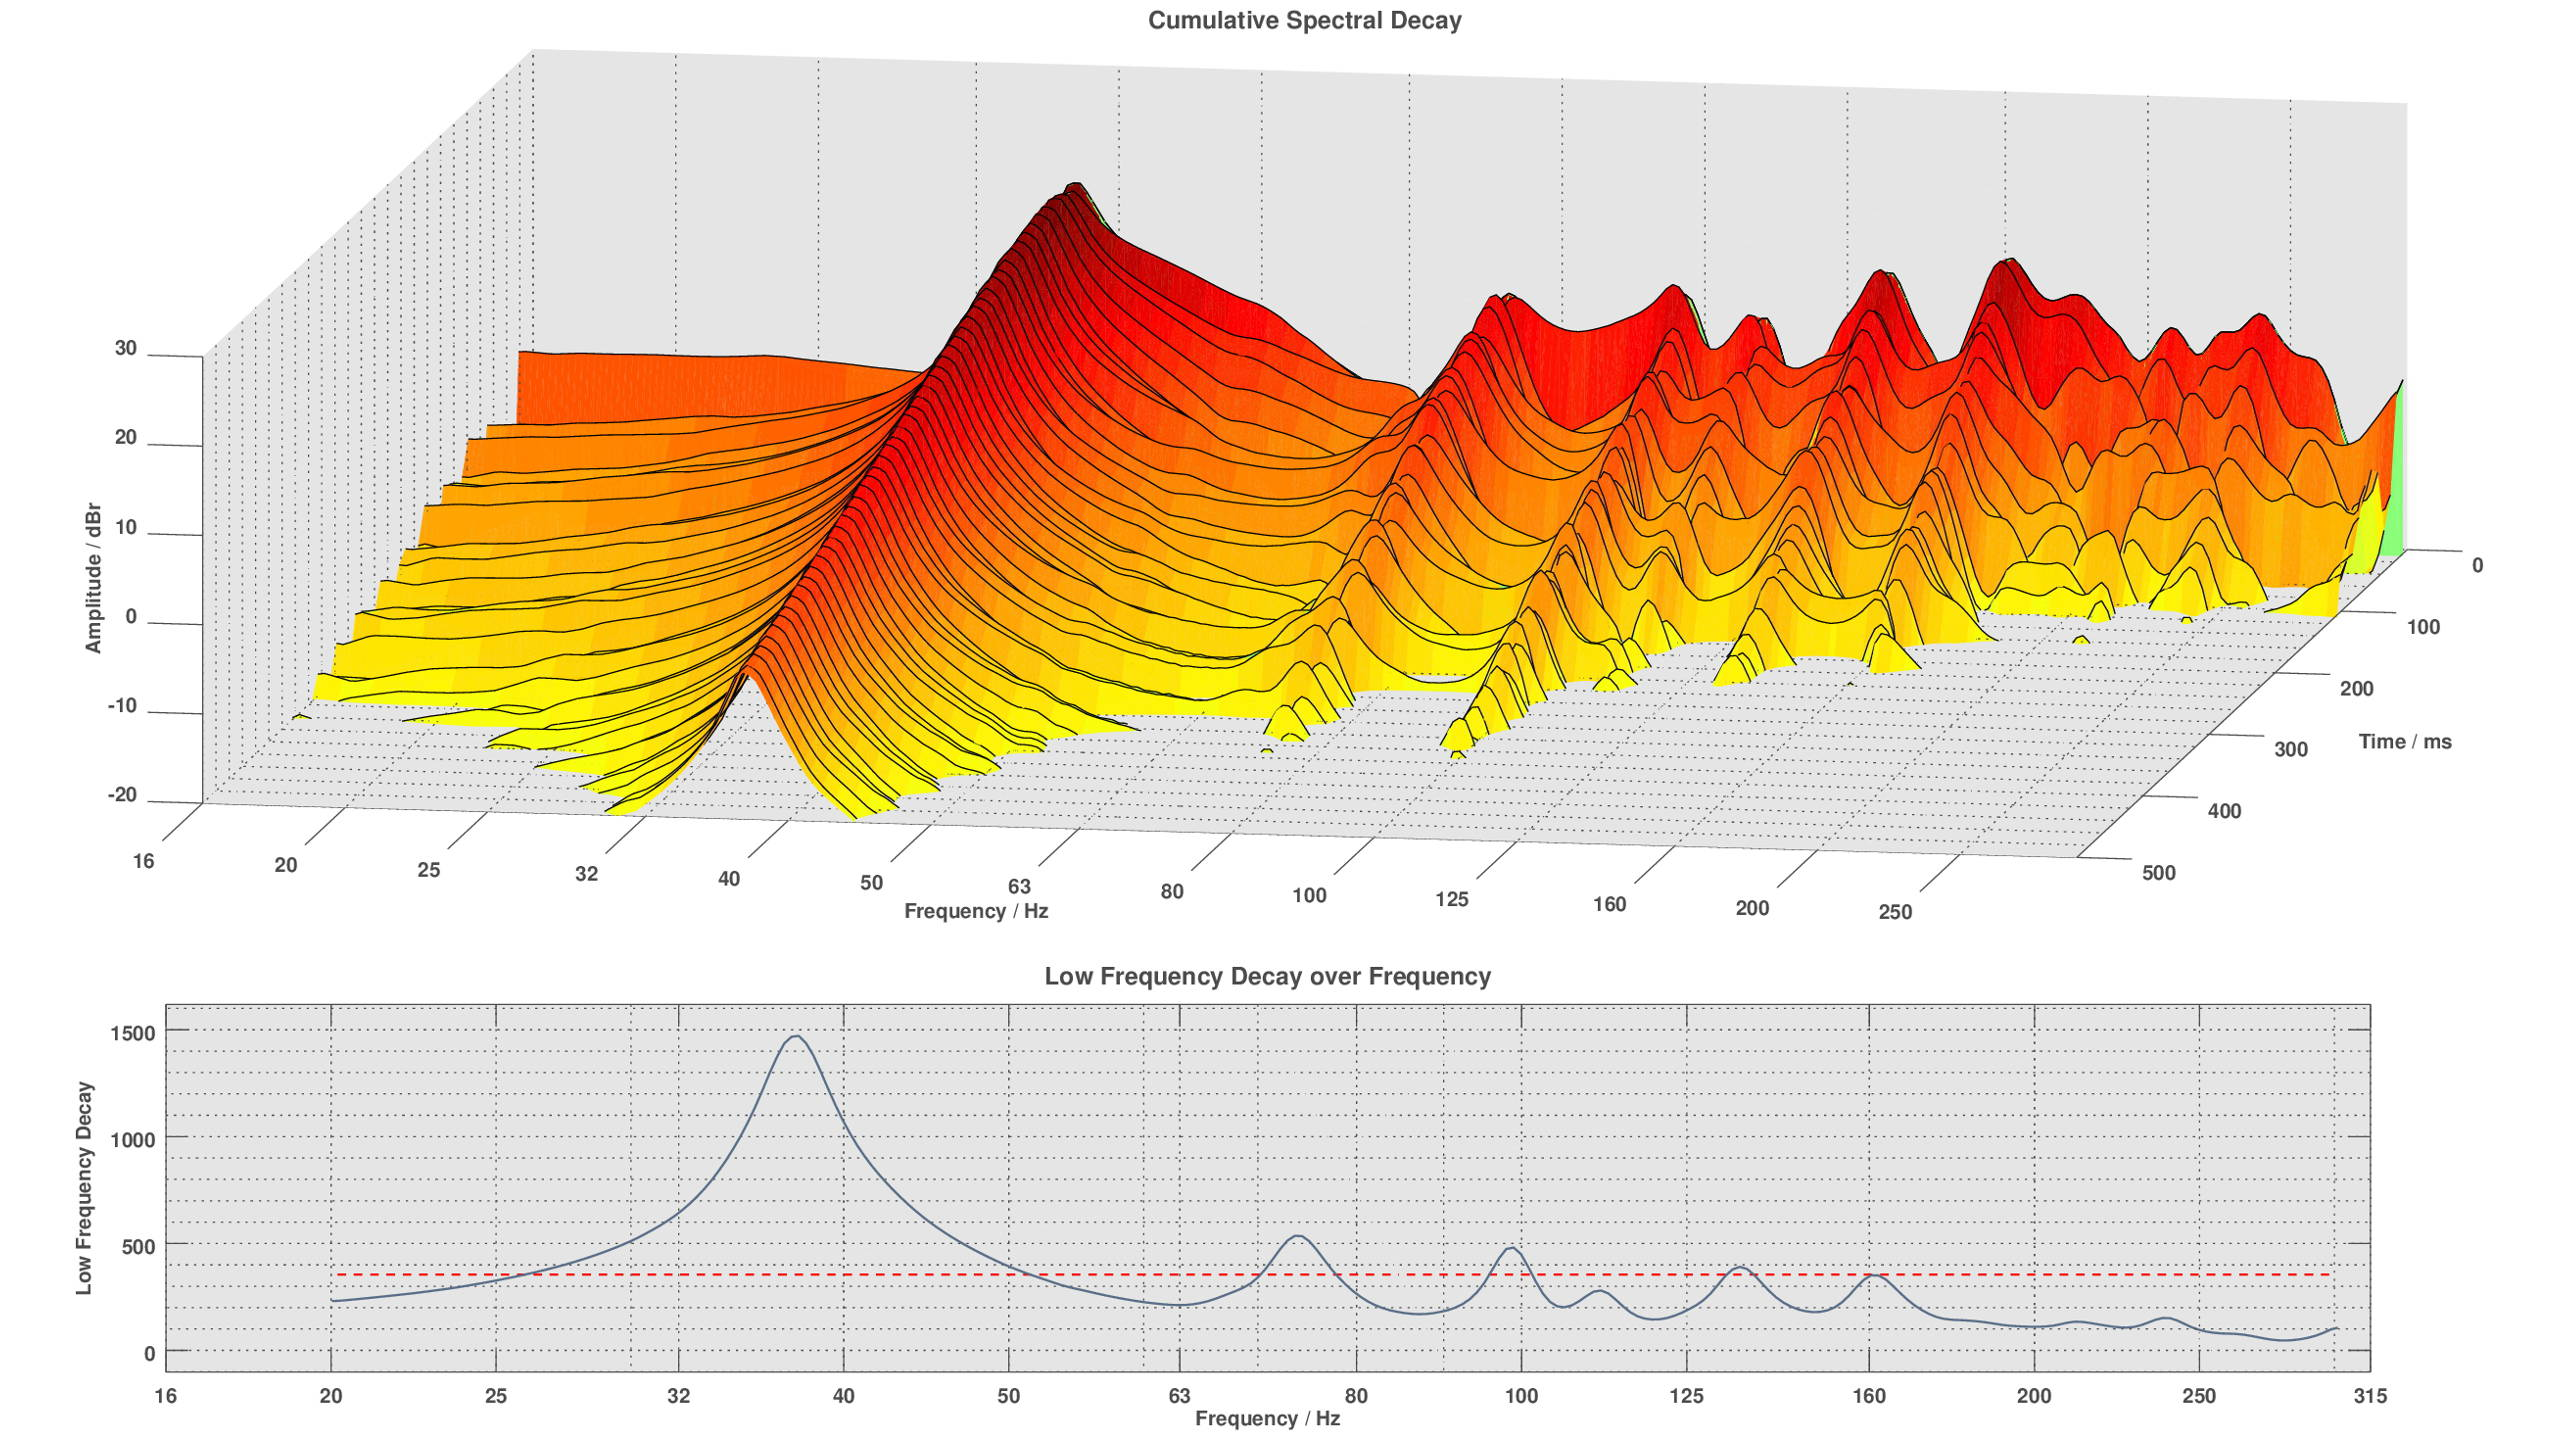 Bewertung des Low Frequency Decay und dessen Frequenzabhängigkeit